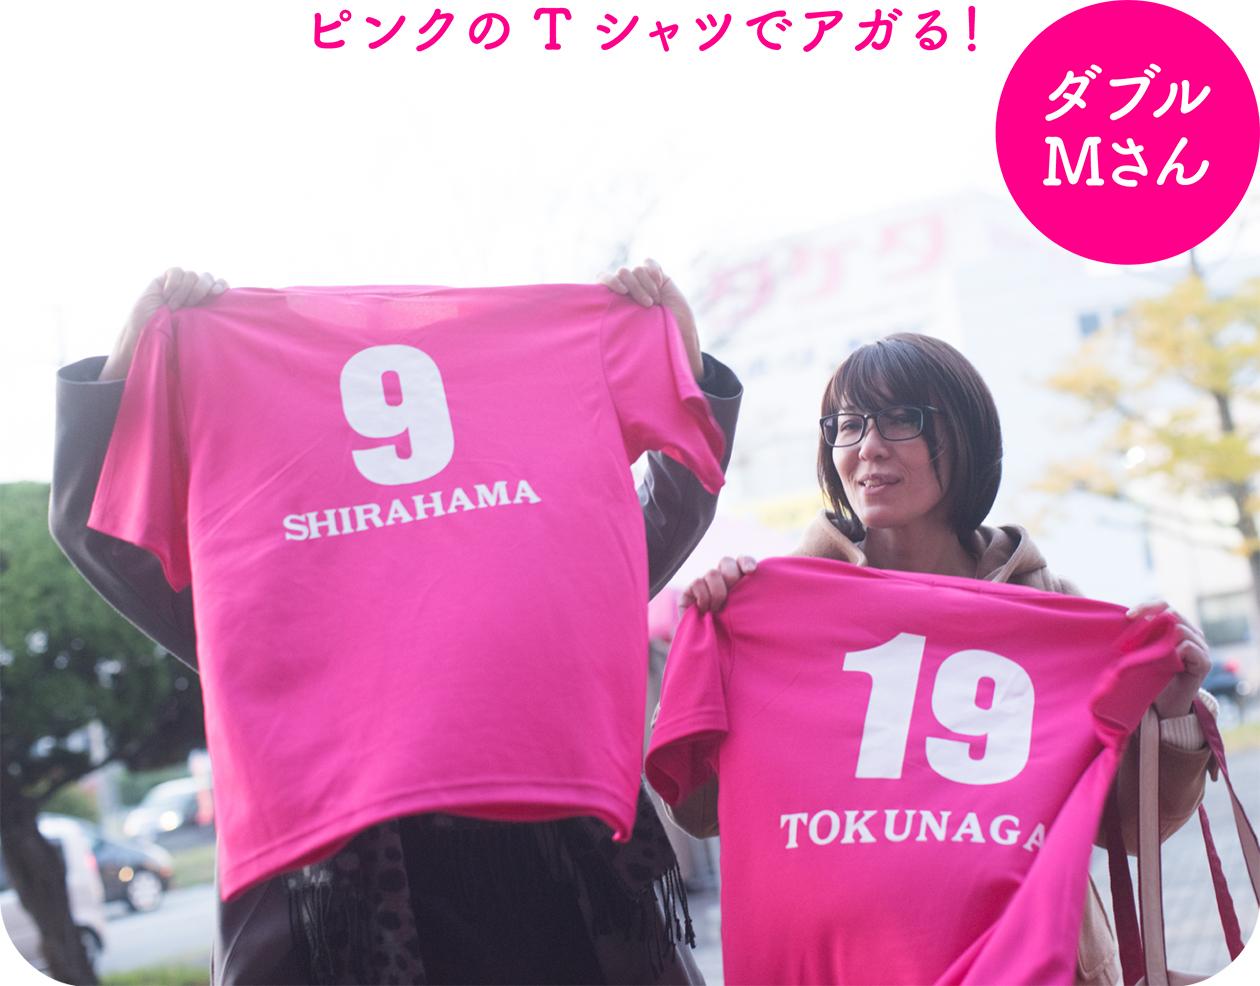 ピンクのTシャツでアガる!